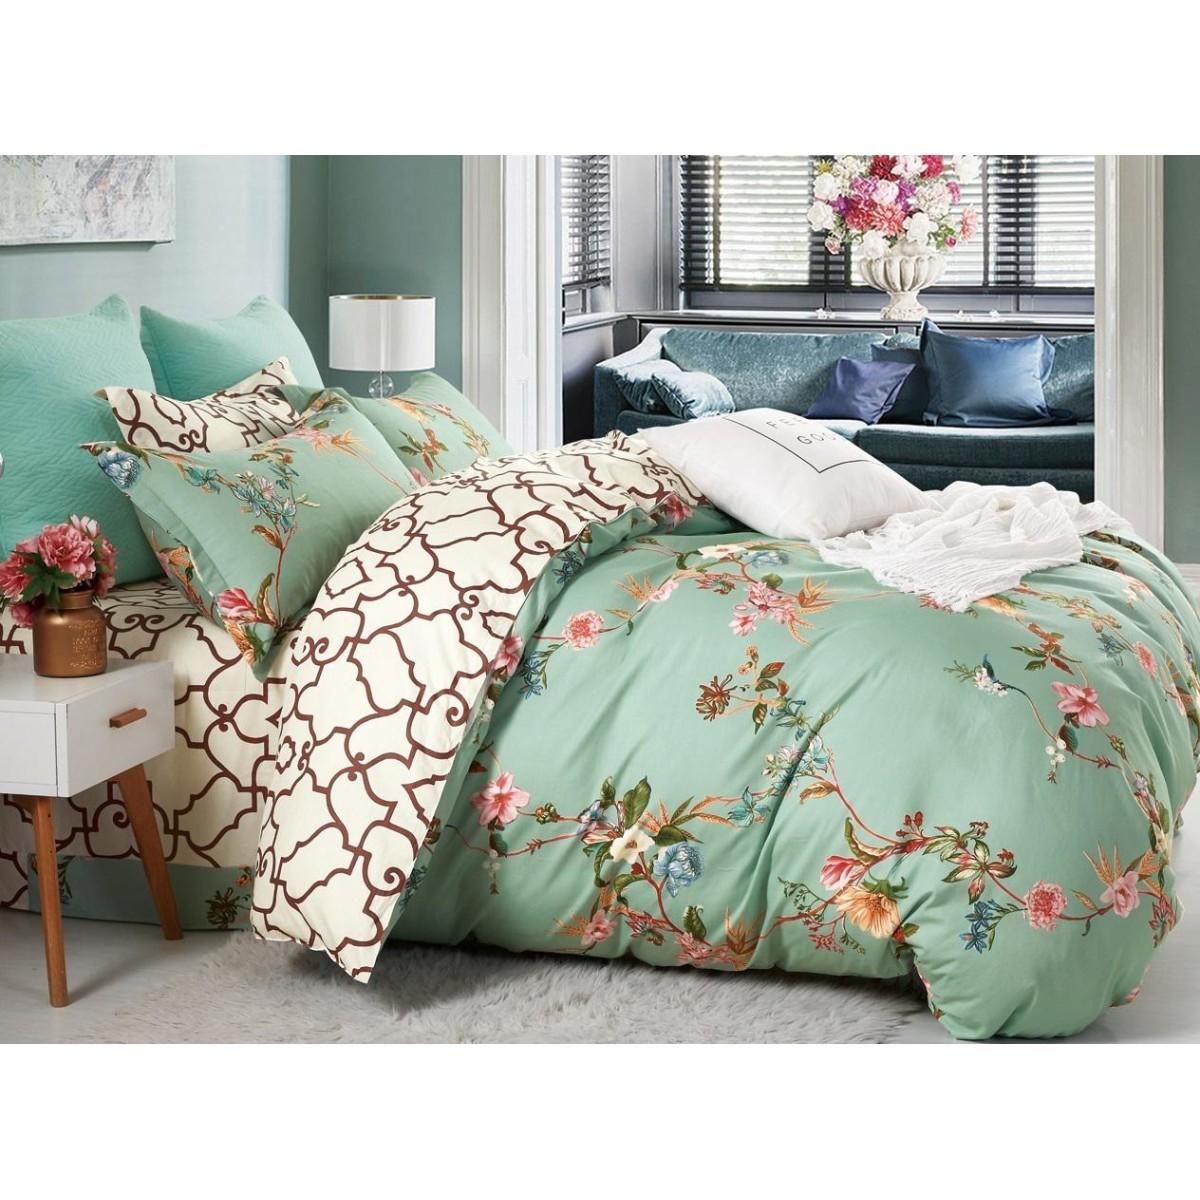 Комплект постельного белья 2-спальный Jardin 3820/160/823